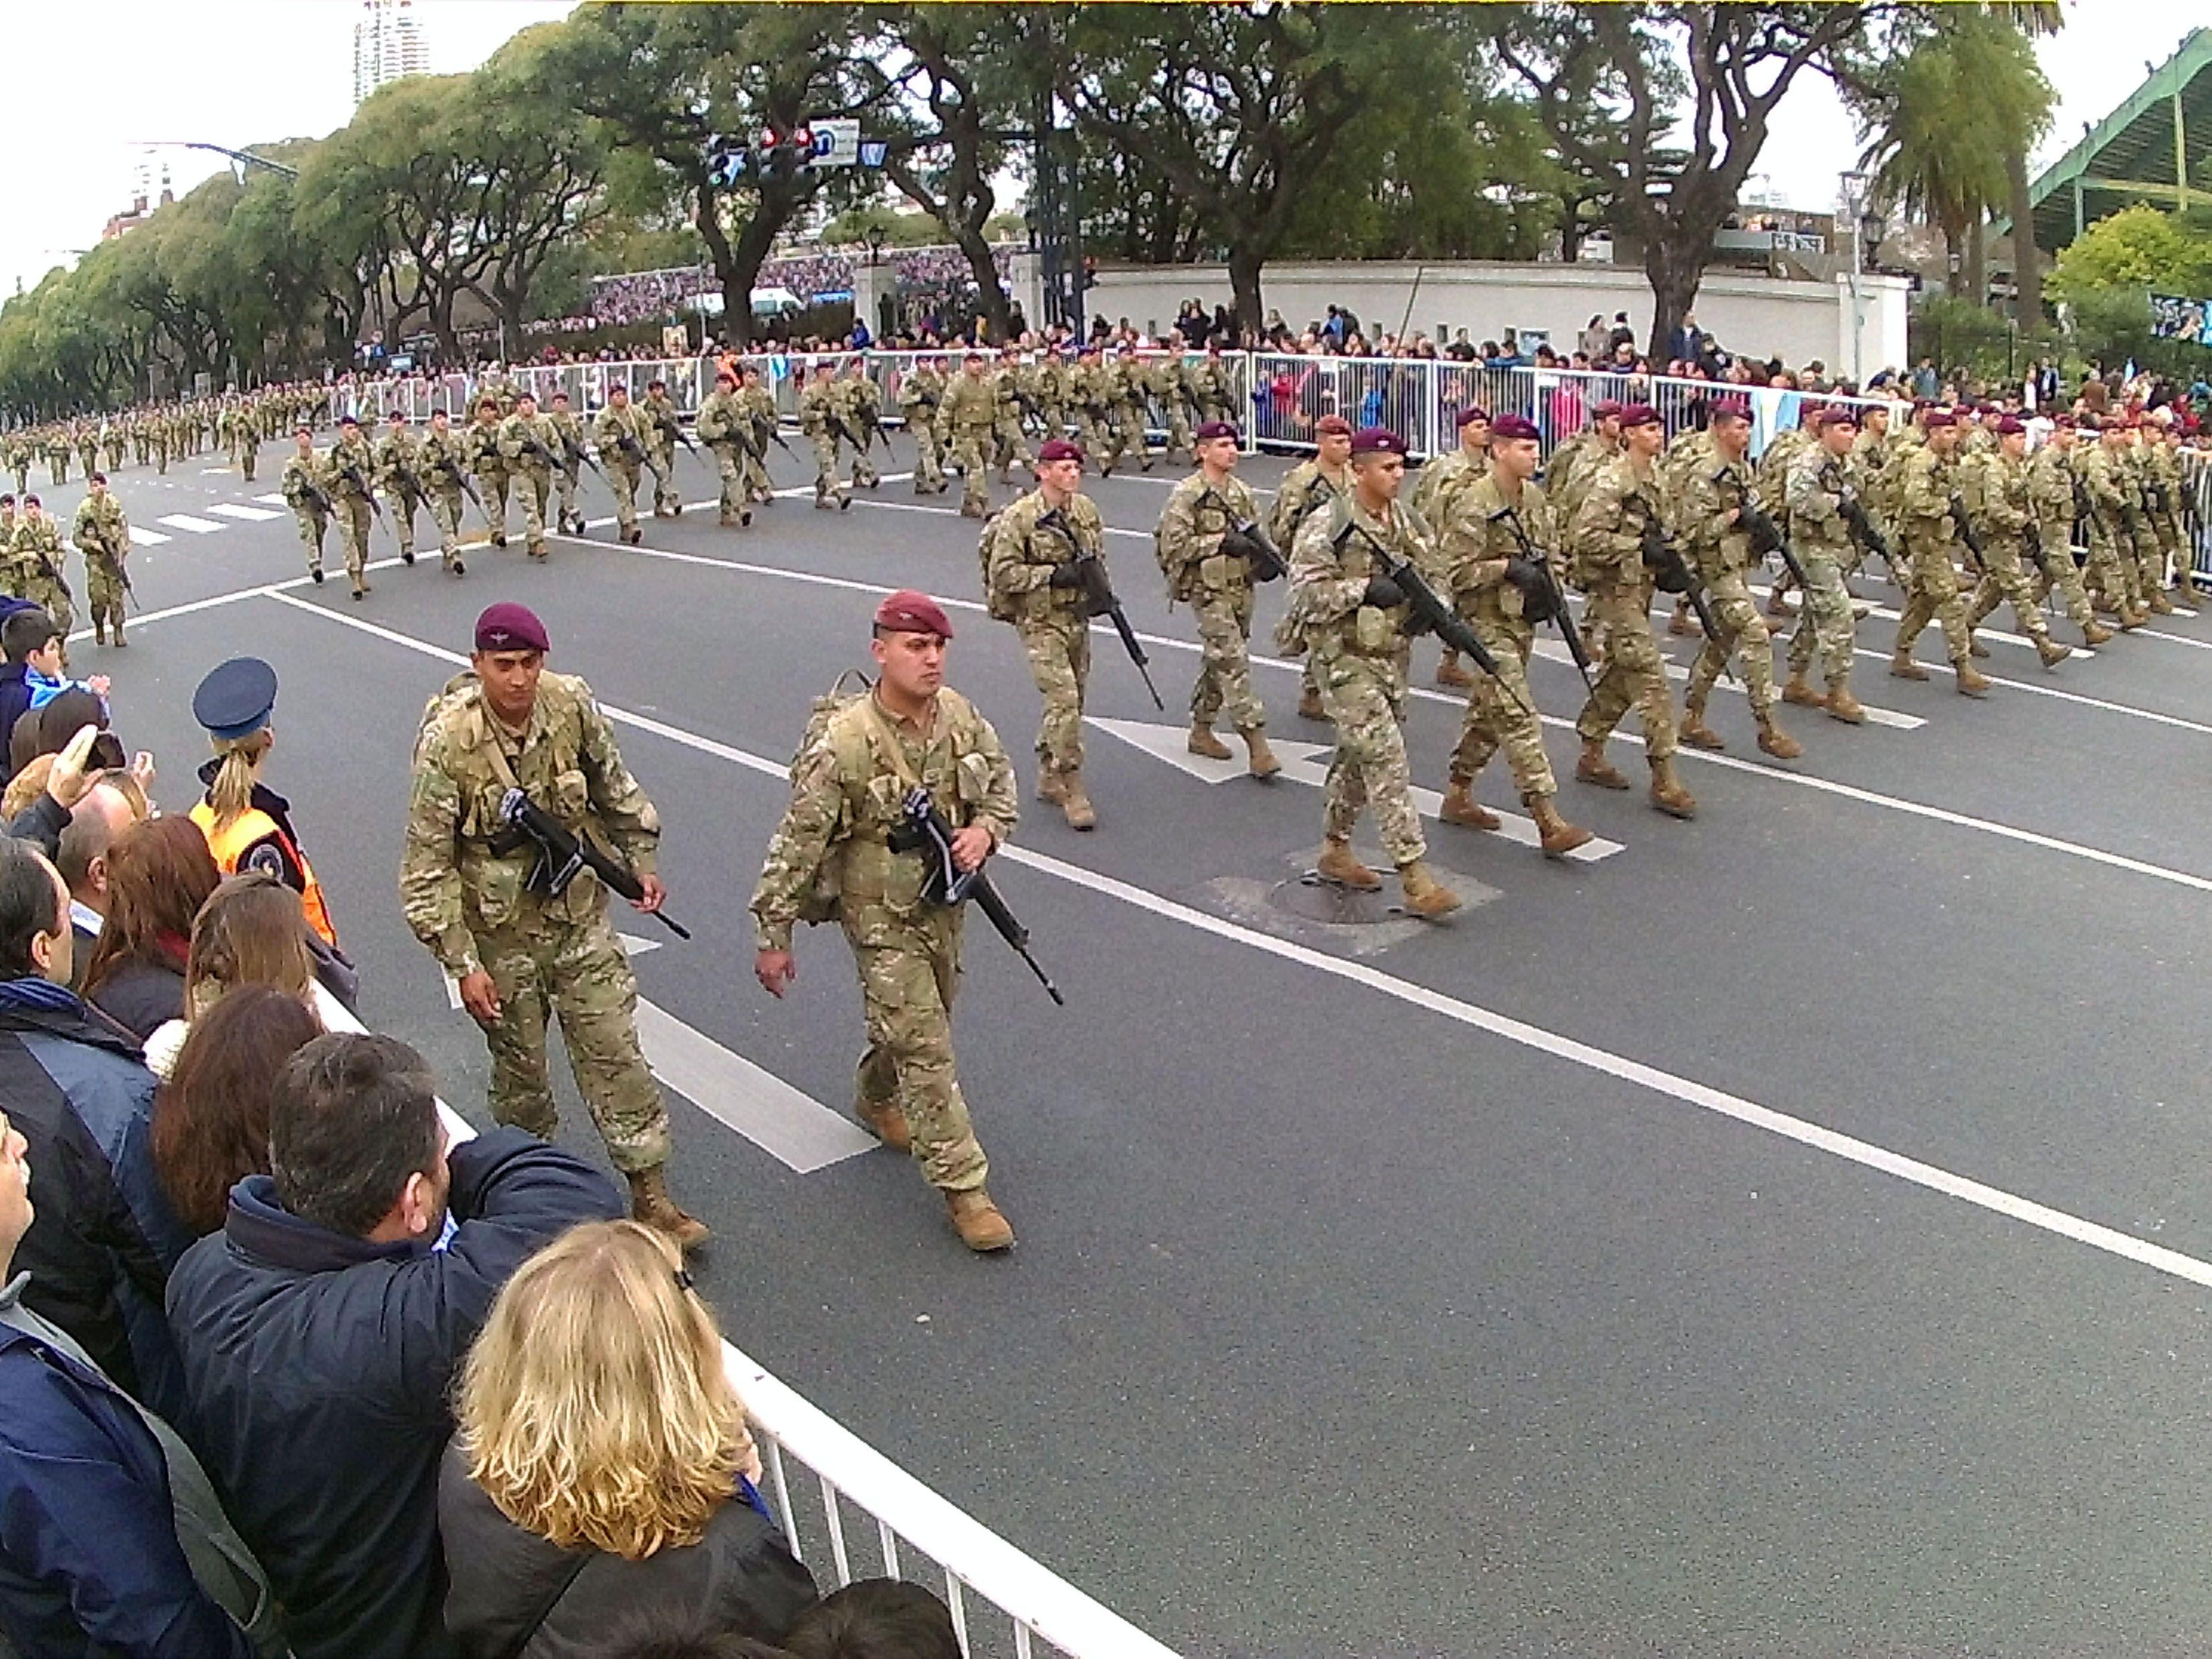 Las mejores fotos del Bicentenario de la Independencia